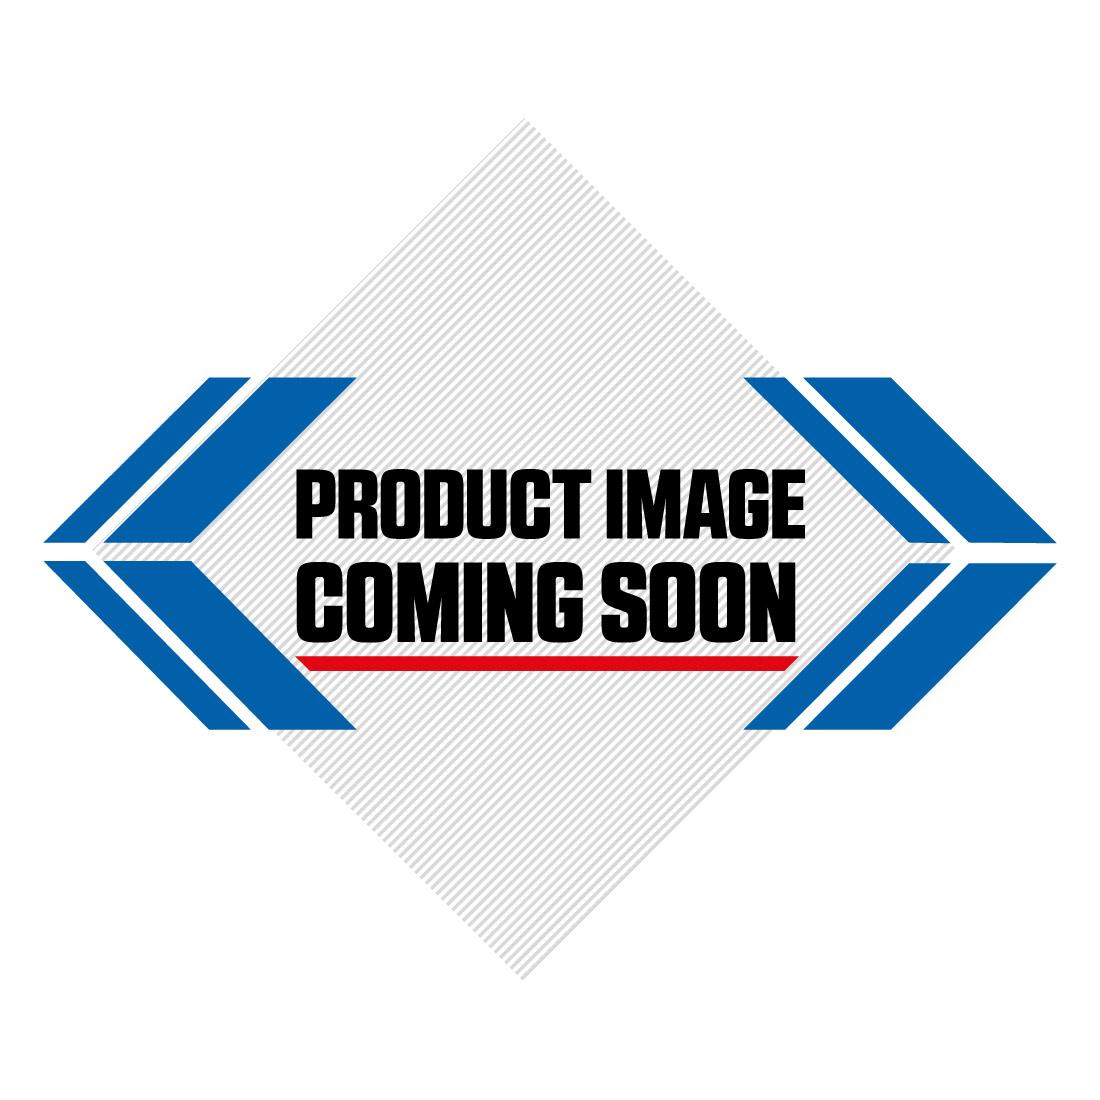 Kawasaki Plastic Kit KX 125 250 (99-02) OEM Factory Image-2>